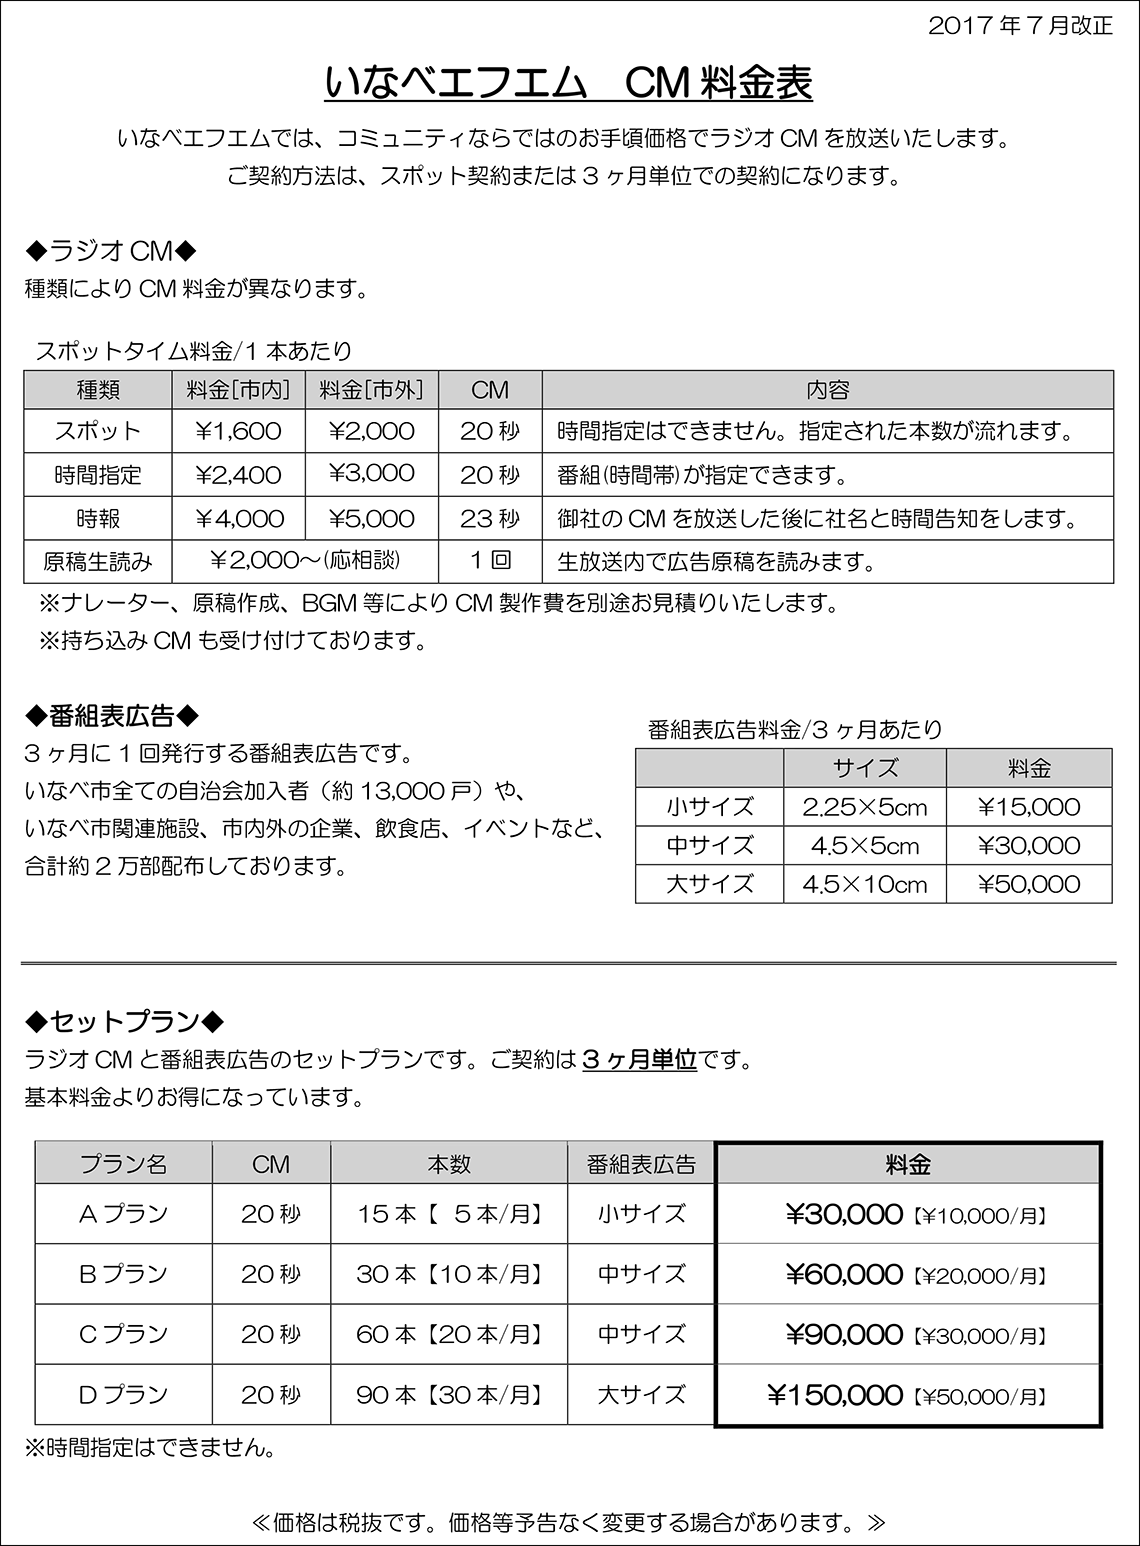 いなべFM-CM料金表